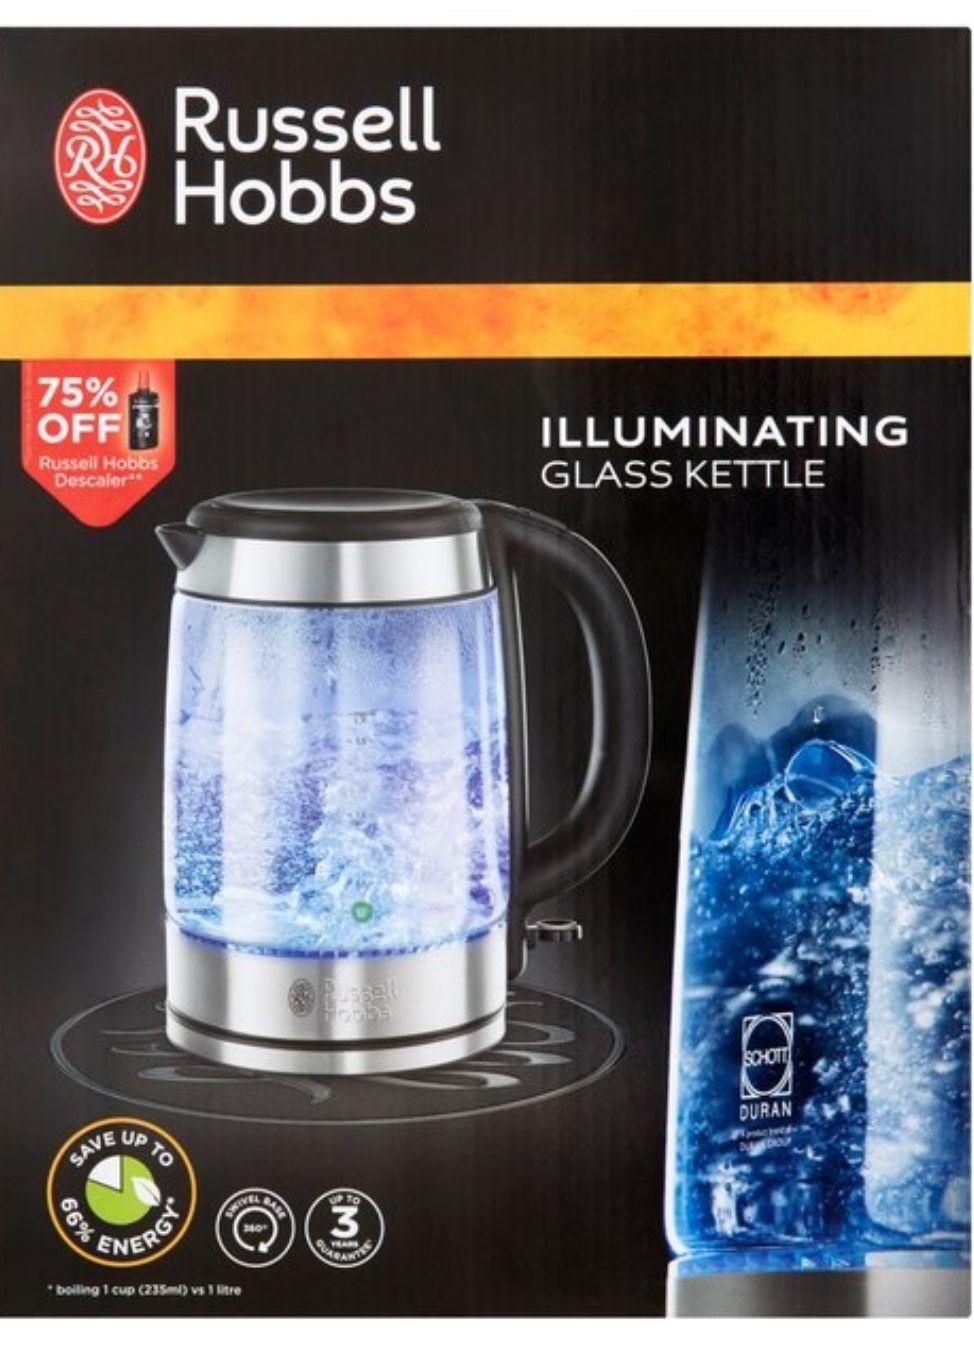 Russell Hobbs Glass Kettle 1.7L - £22.50 @ Morrisons